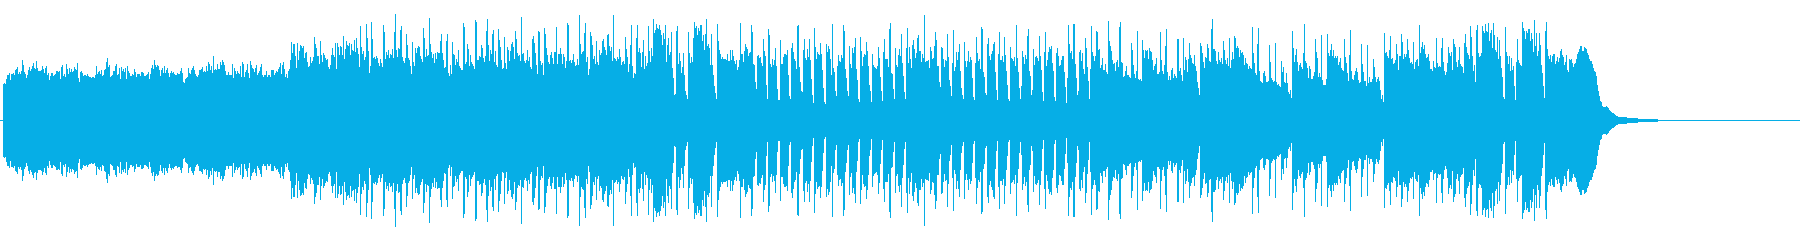 オープニング スリル 闘志 ドライブ感 の再生済みの波形